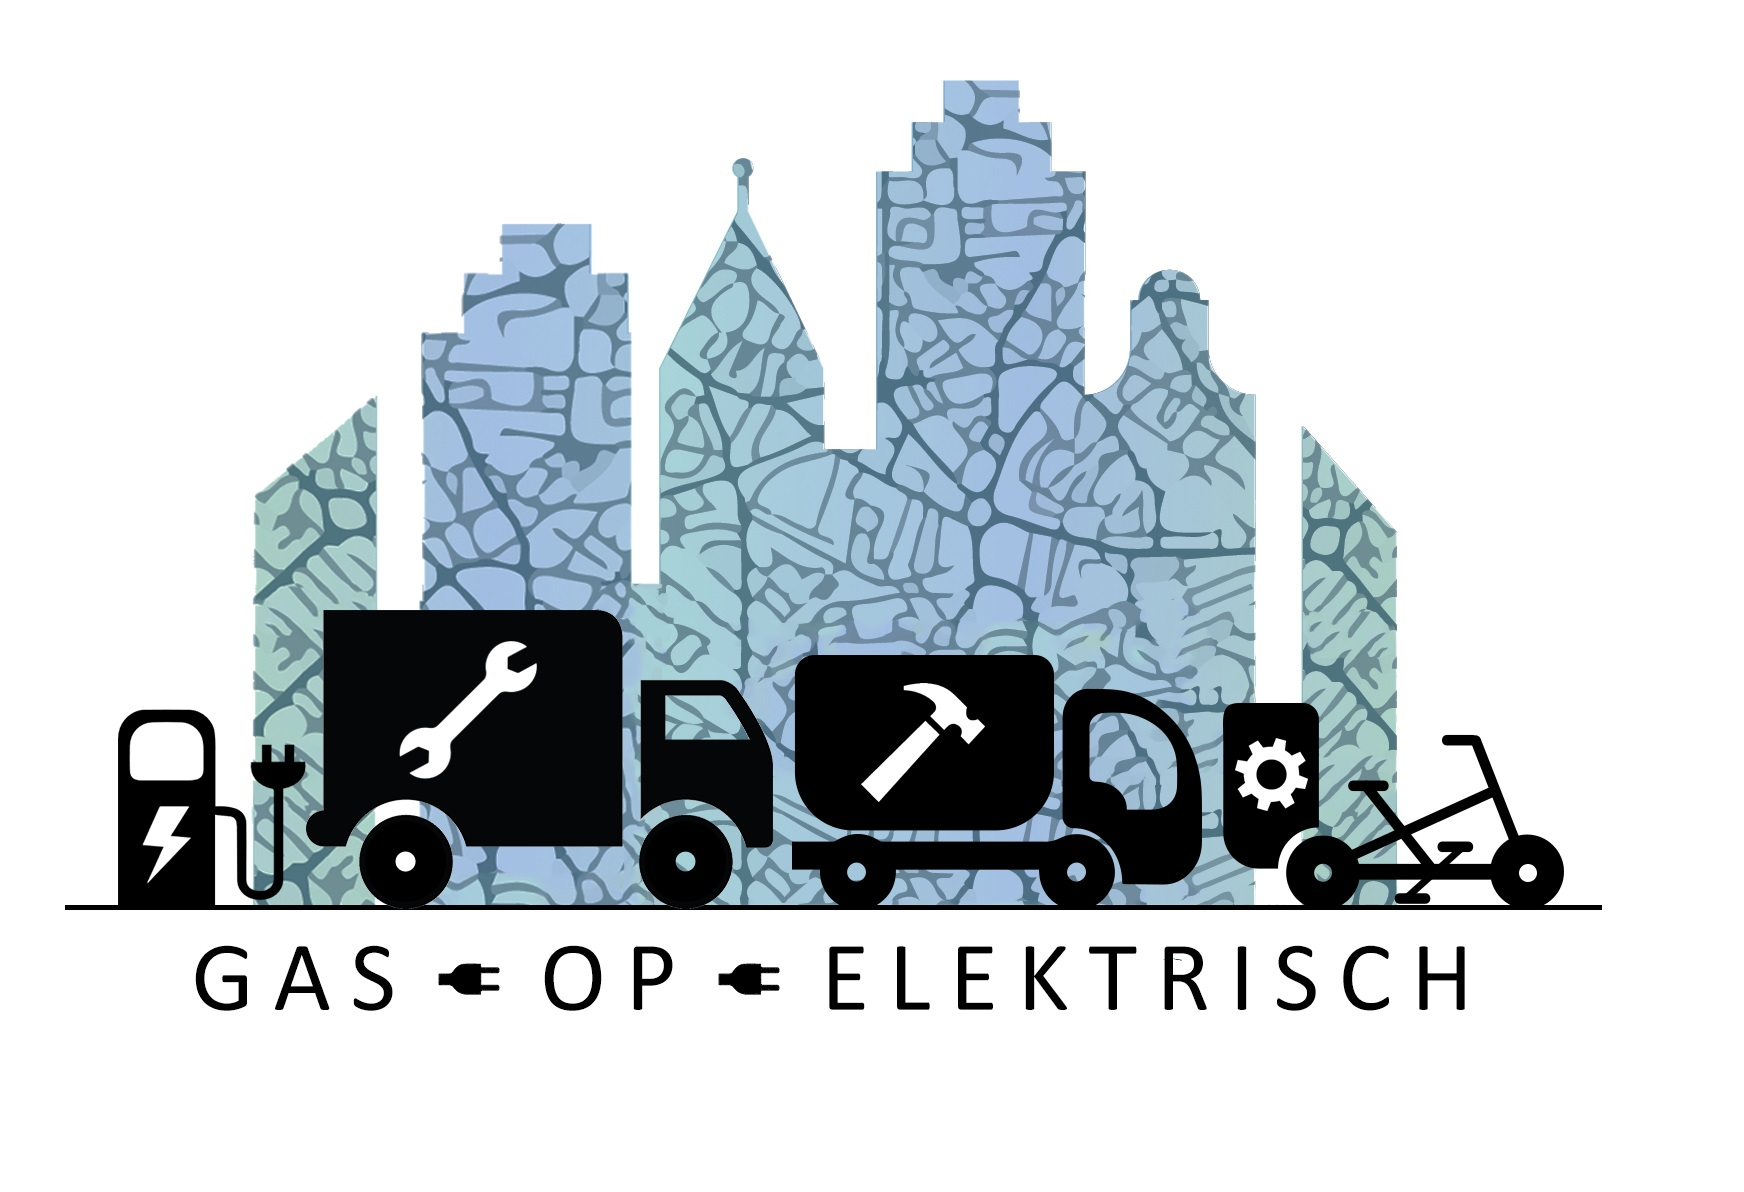 Gas op electrisch logo